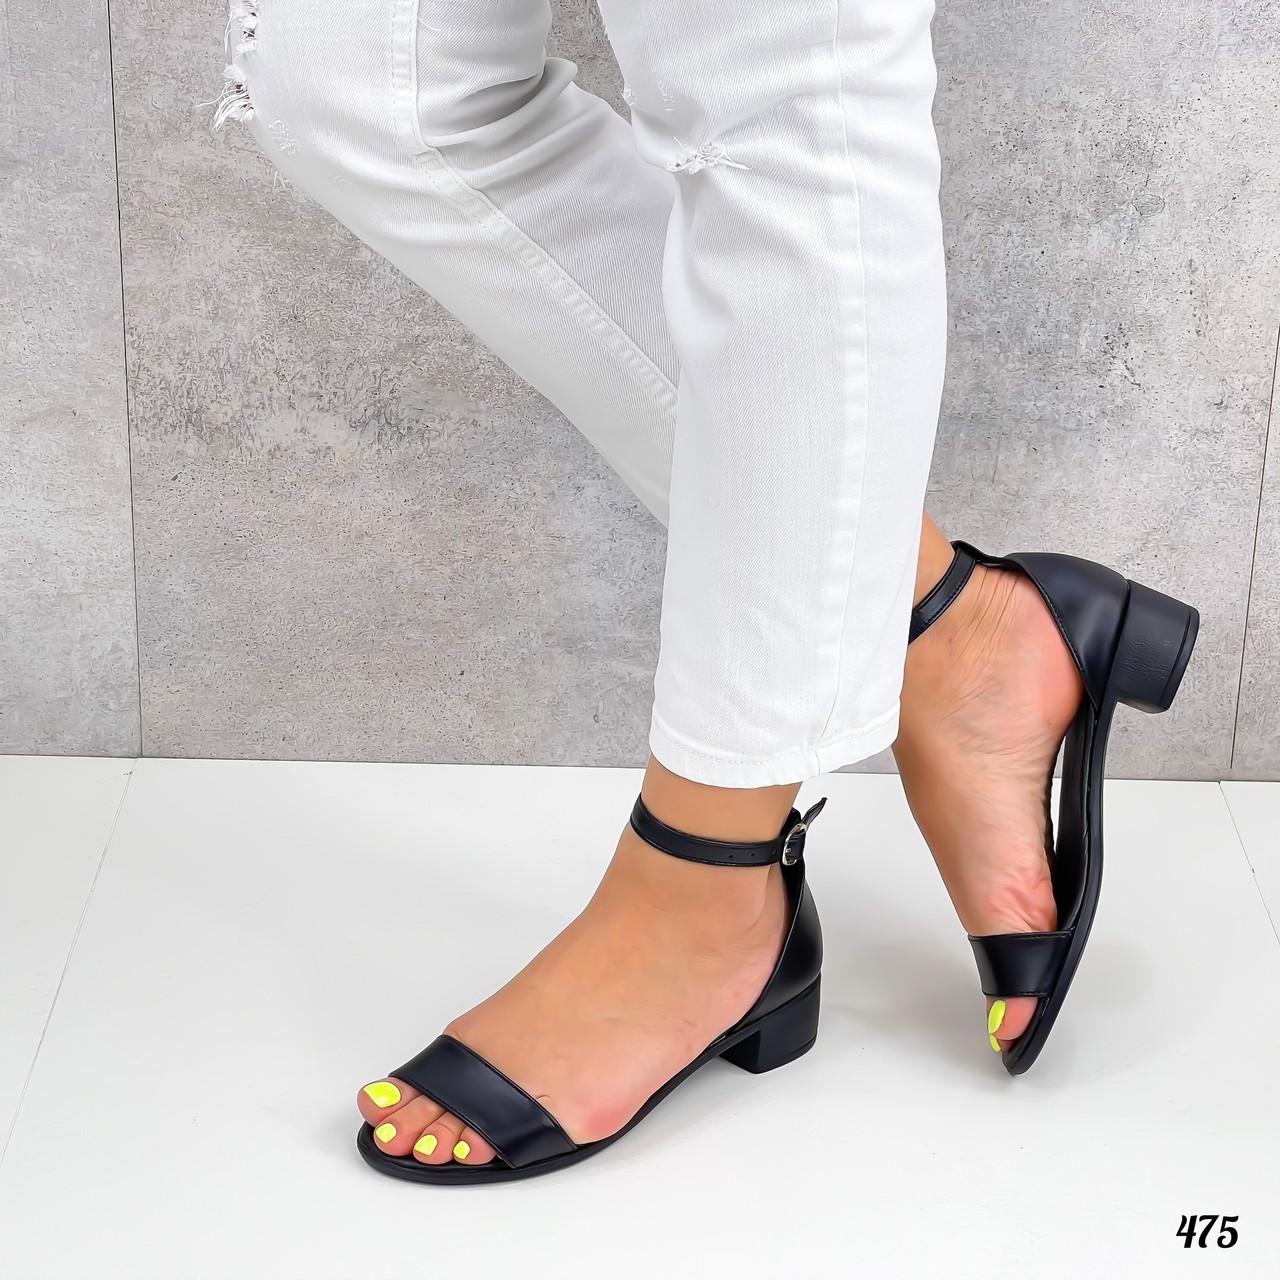 Кожаные женские босоножки ремешок вокруг ноги